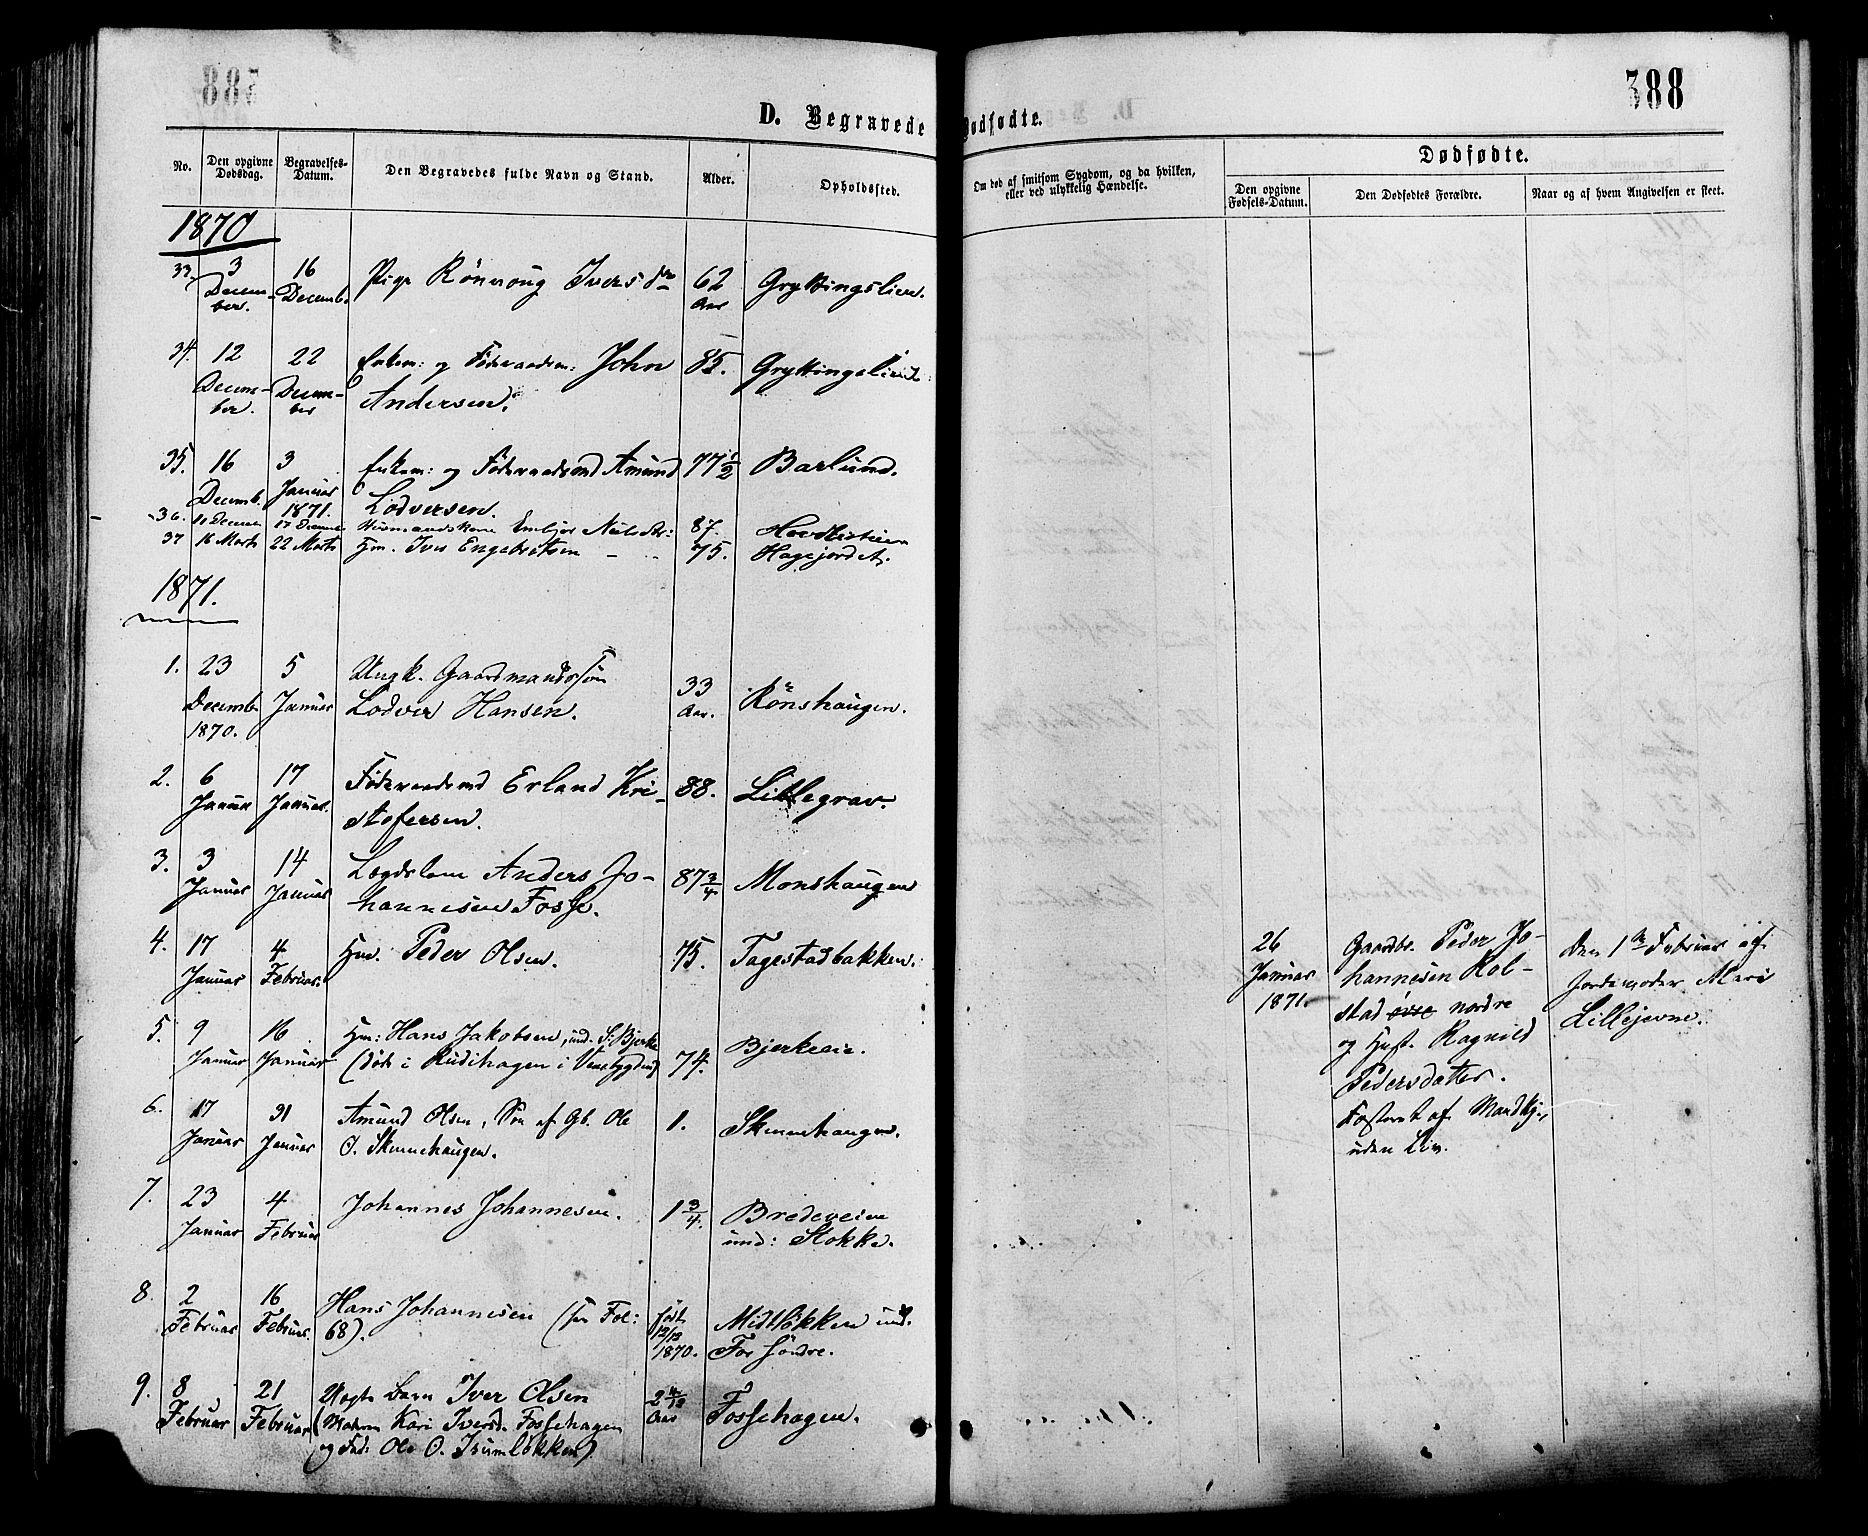 SAH, Sør-Fron prestekontor, H/Ha/Haa/L0002: Ministerialbok nr. 2, 1864-1880, s. 388